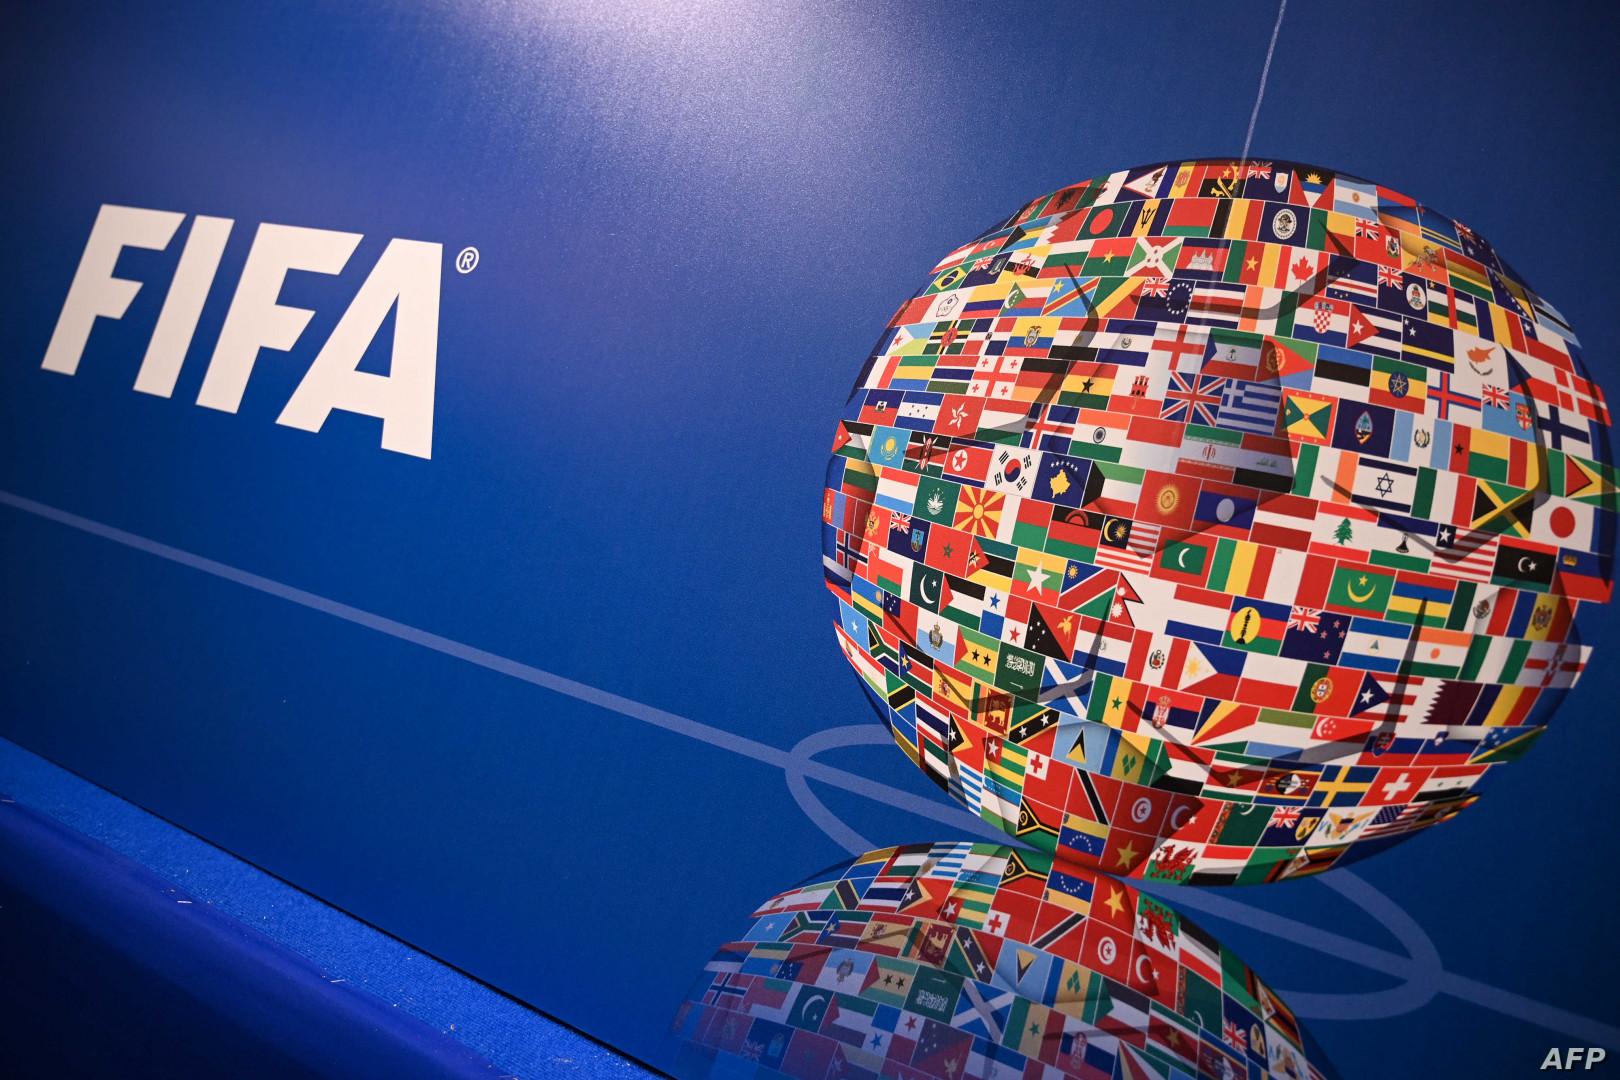 فيفا يلغي بطولتي كأس العالم للشباب والناشئين